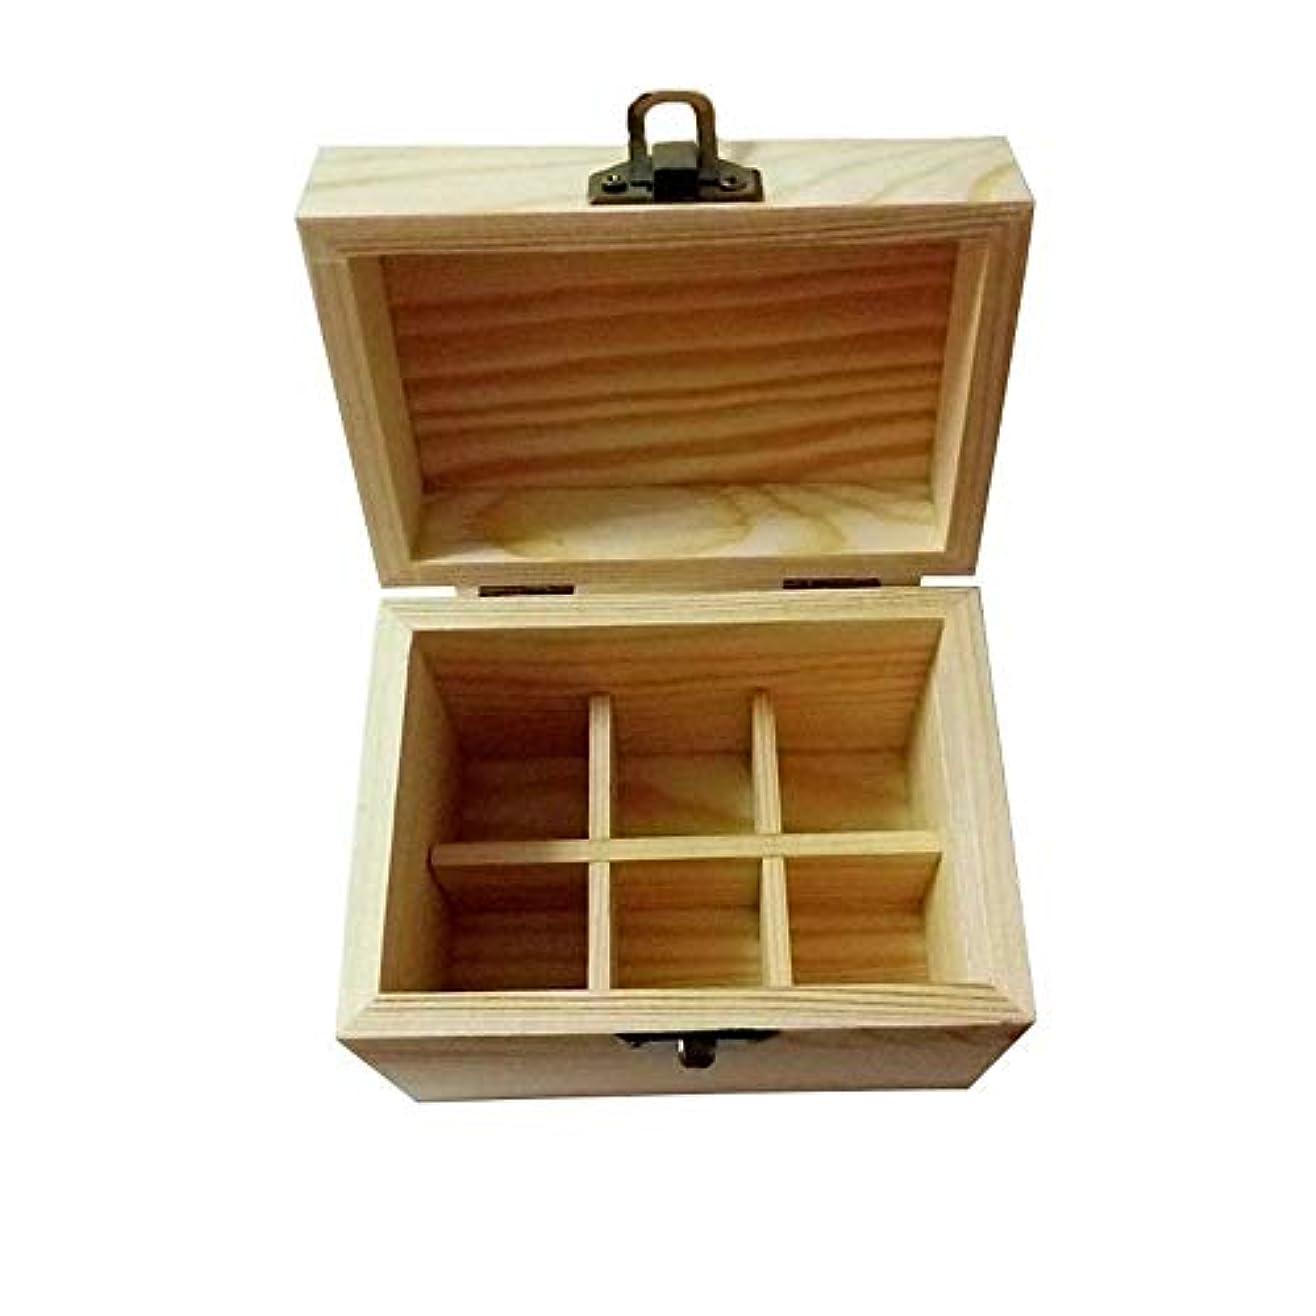 ばかげた外出アラブサラボエッセンシャルオイルの保管 エッセンシャルオイルストレージボックスケース木製??の主催者は6本のキャリングセーフボトルやホームストレージの表示を保持します (色 : Natural, サイズ : 11.5X8X9.5CM)